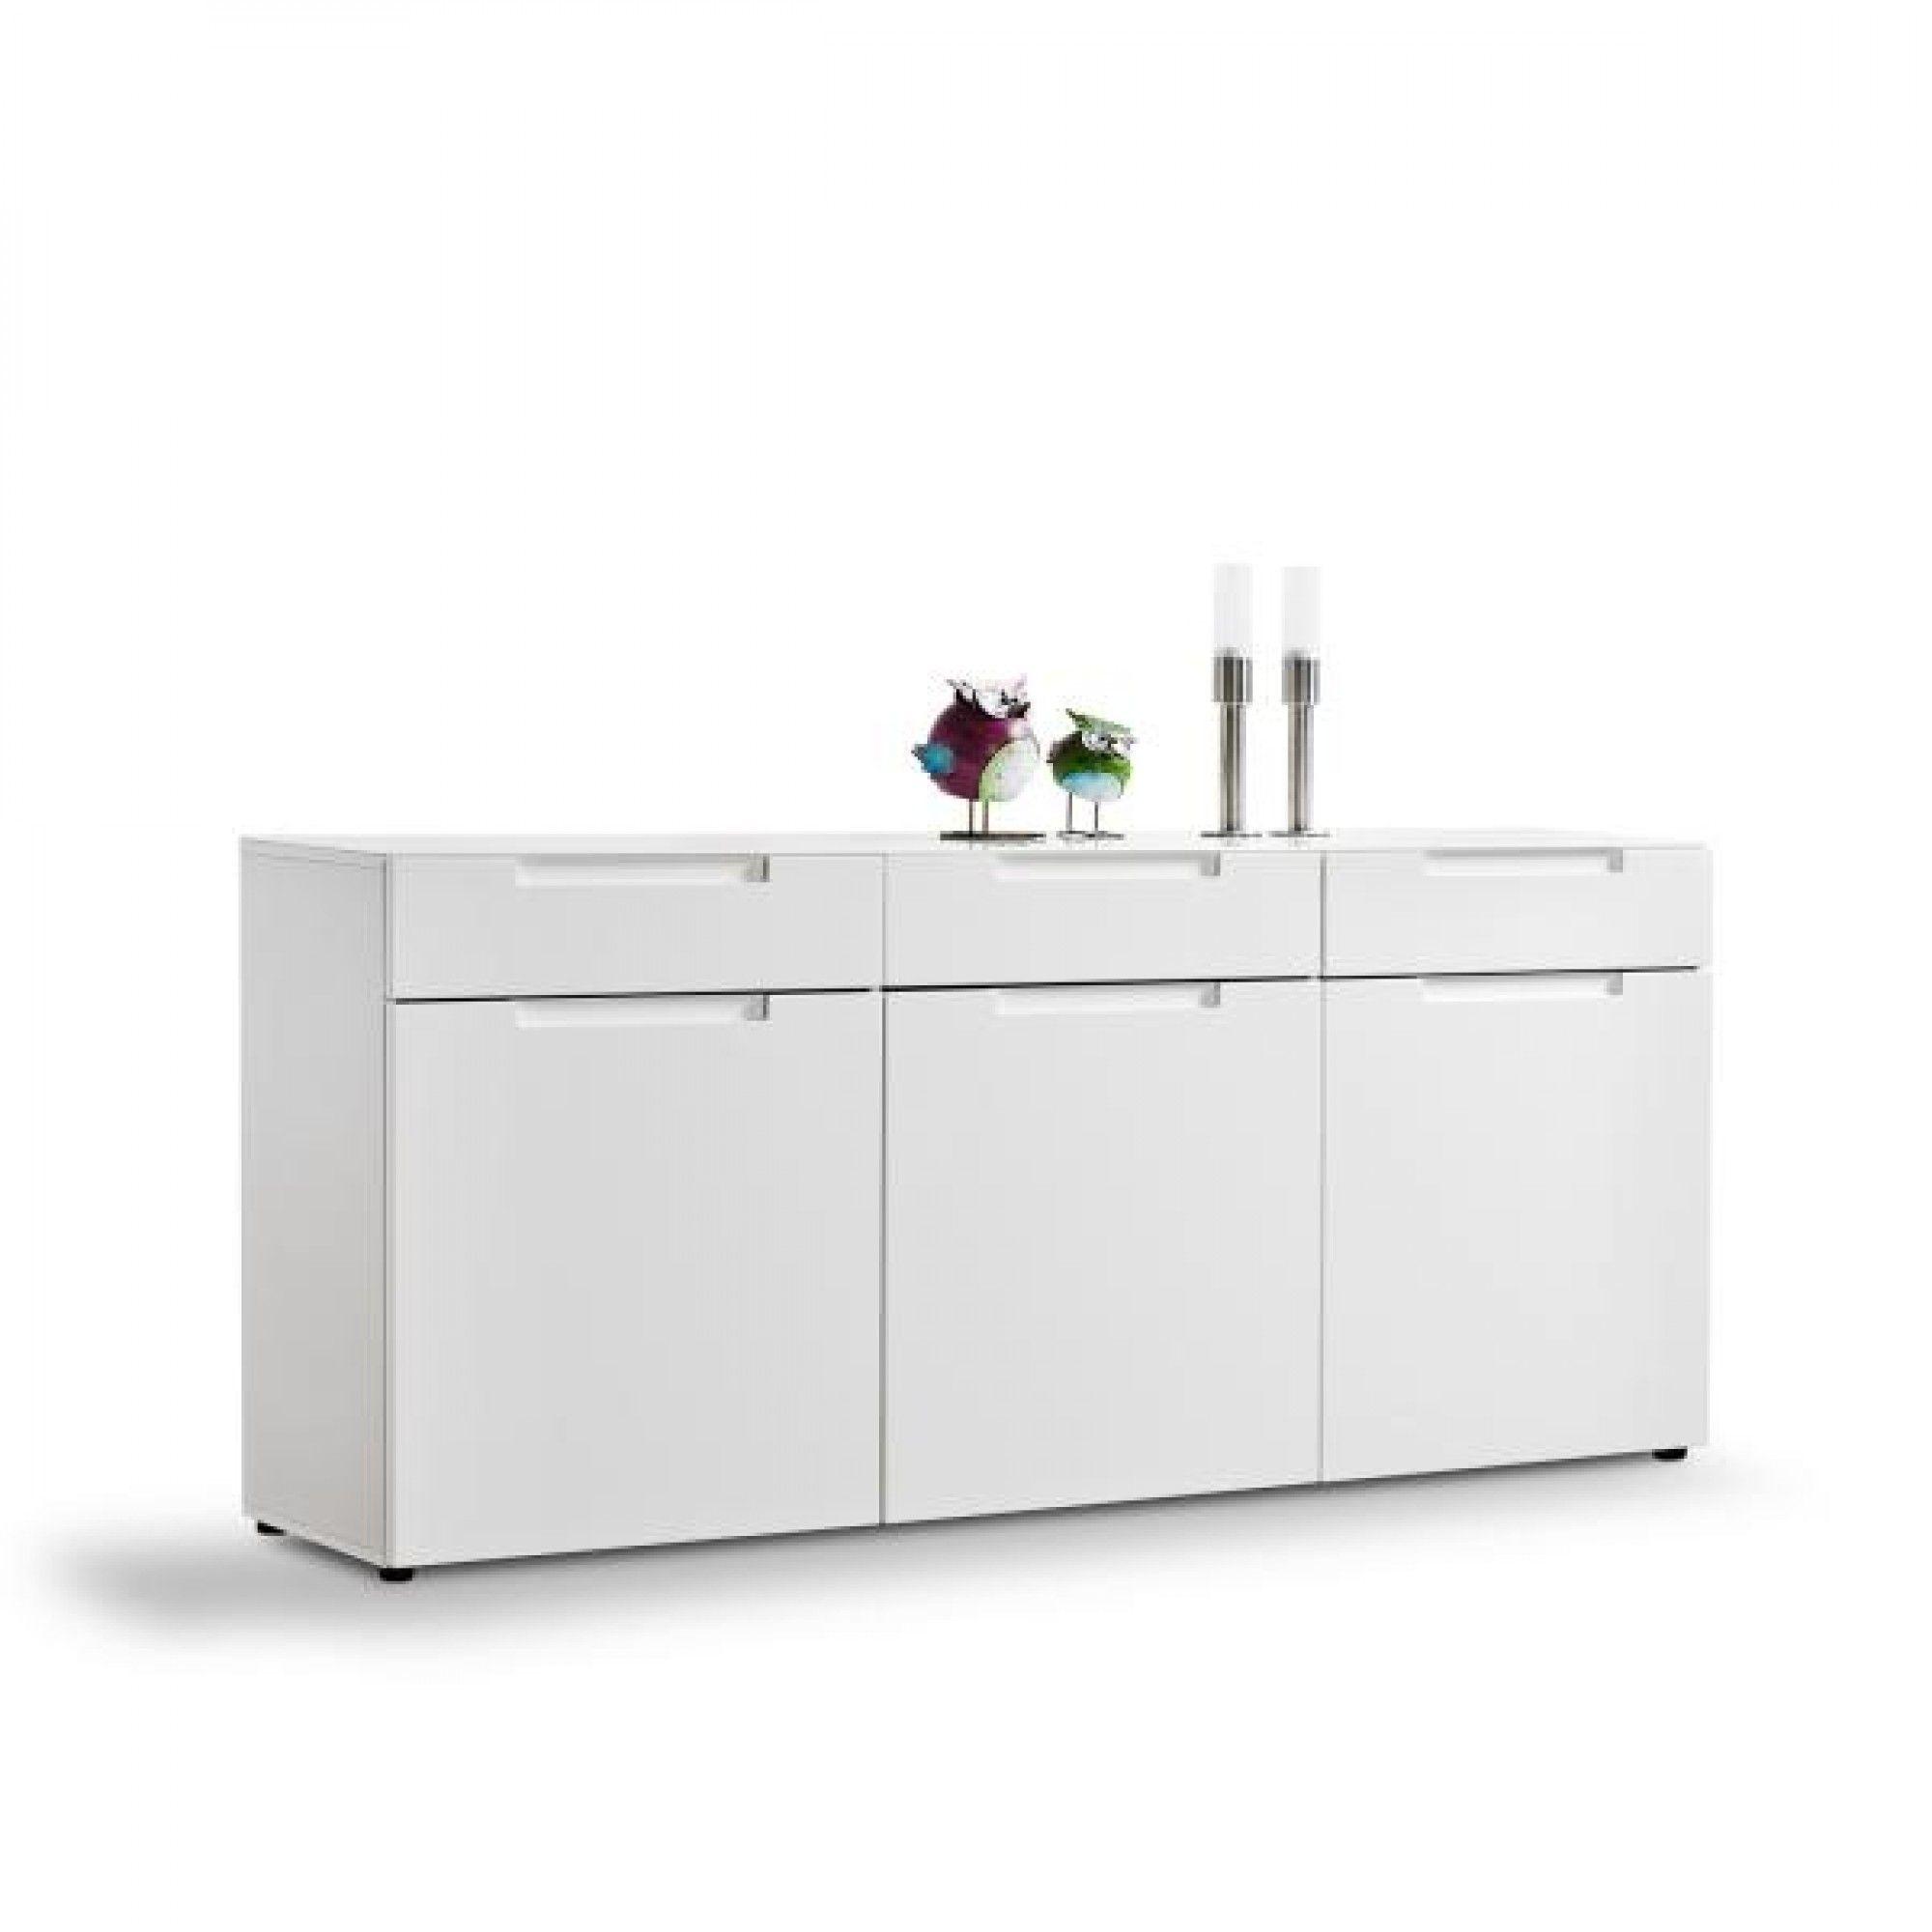 Sideboard Mailand Weiss Hochglanz Ca 192 X 83 Cm Online Bei Poco Kaufen Sideboard Hochglanz Raumlichkeiten